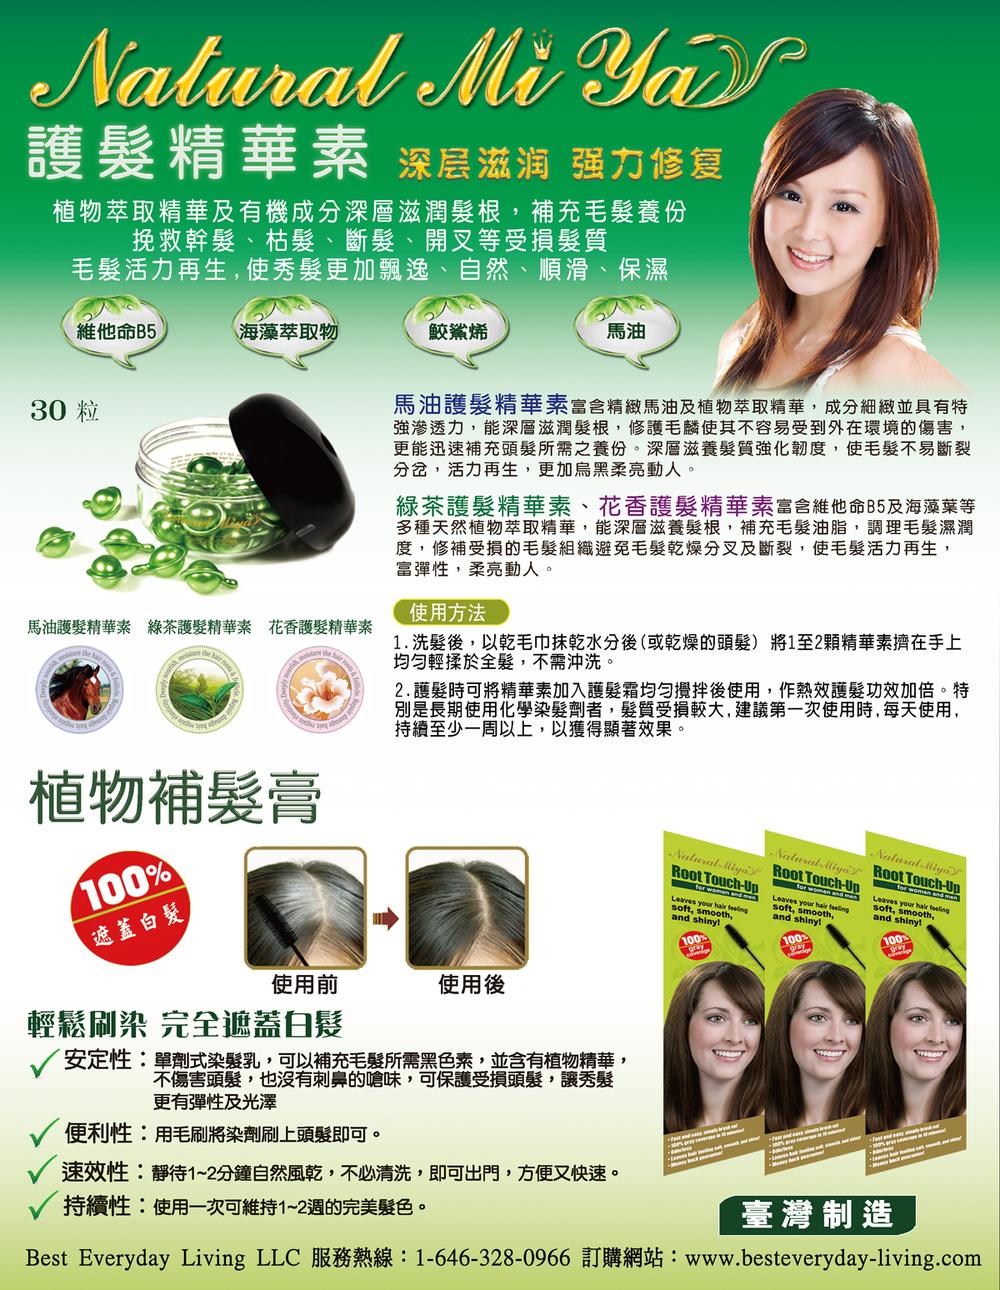 nm-hair-care-ad-01.jpg